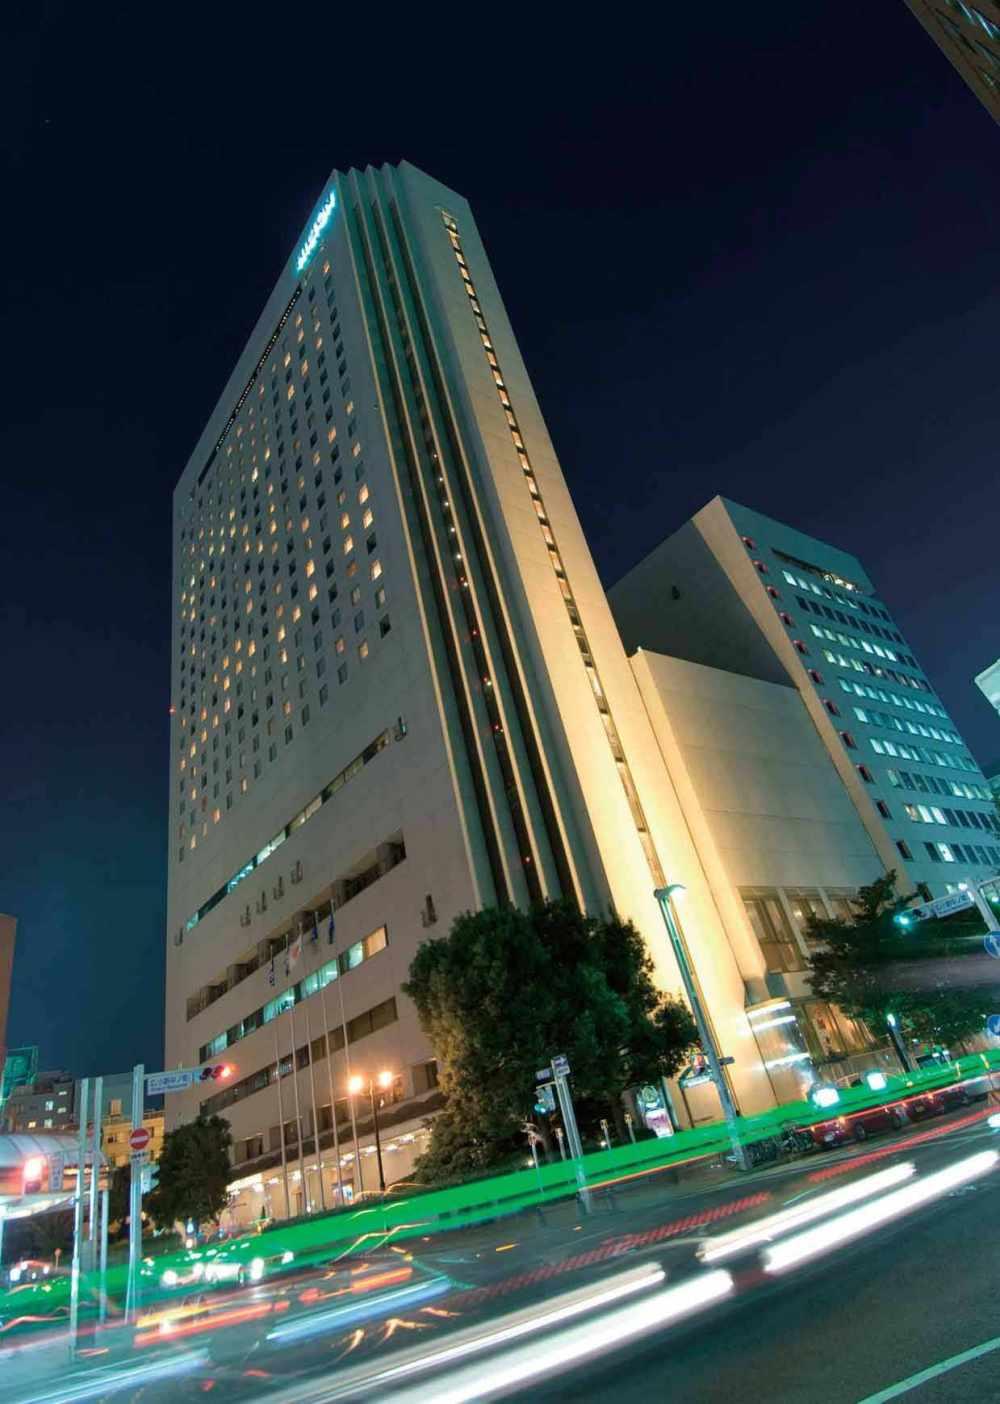 日本大阪希尔顿酒店Hilton Osaka Hotel_-001.jpg